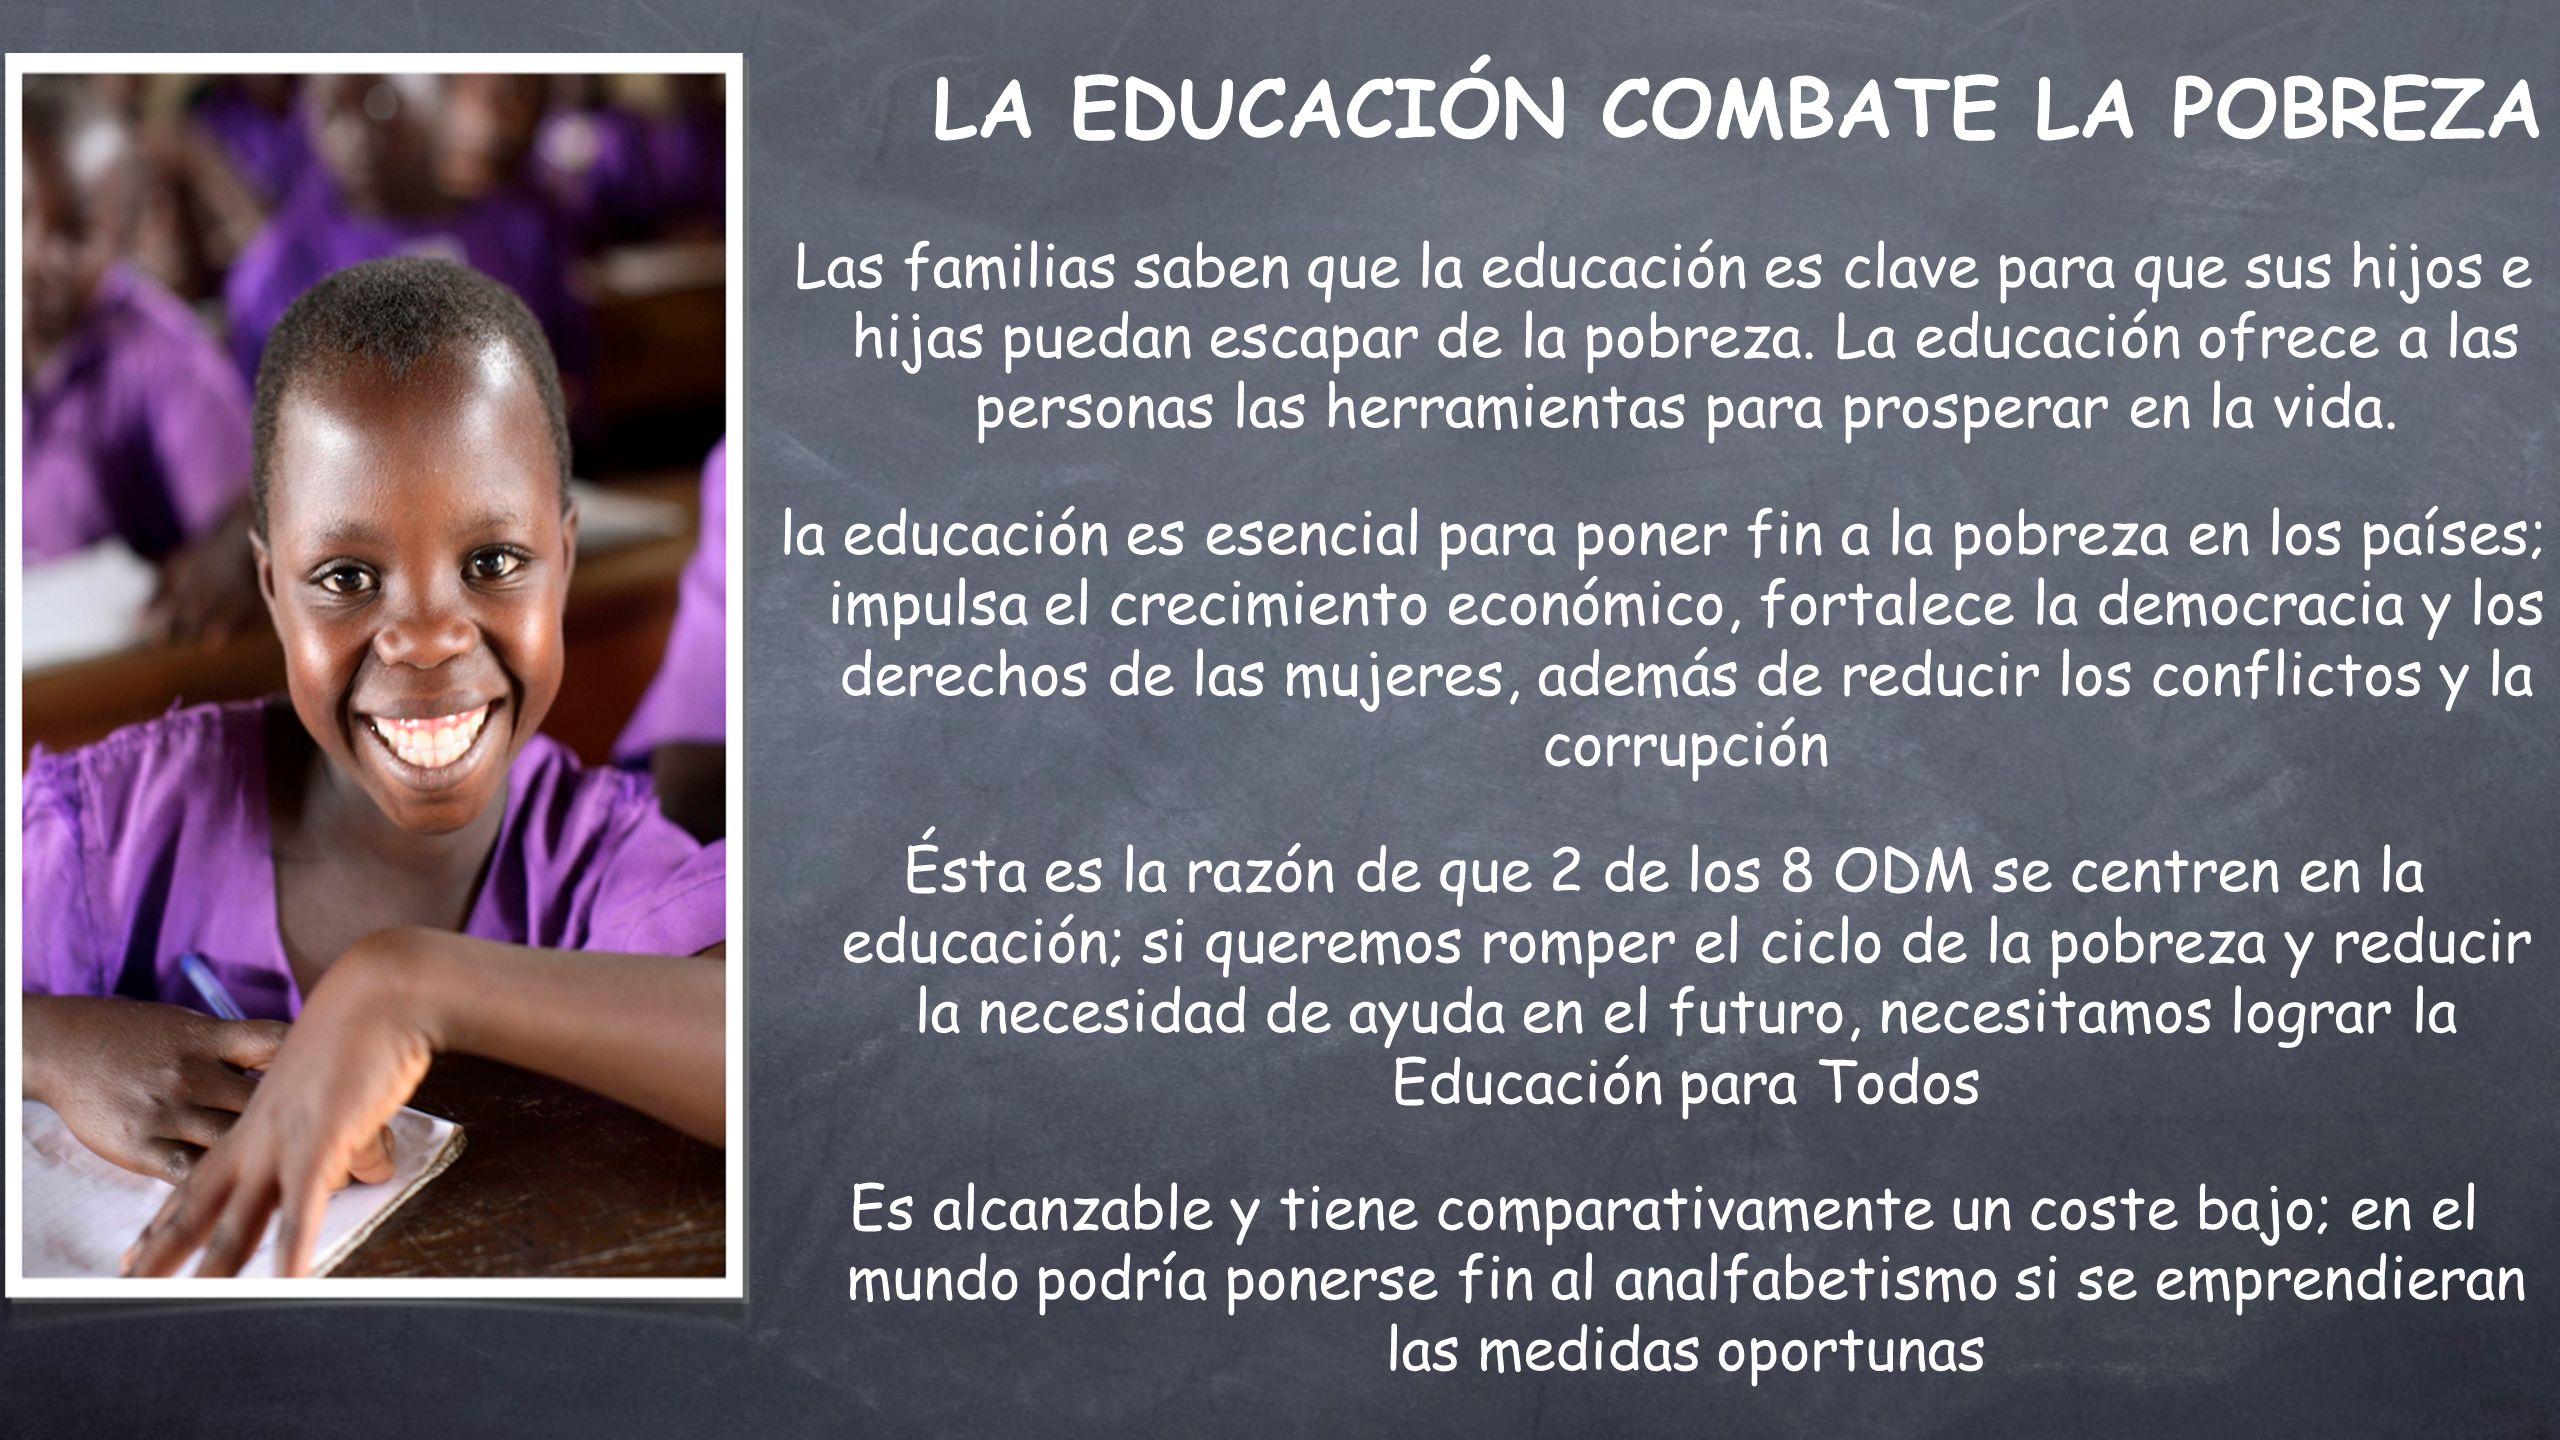 Las familias saben que la educación es clave para que sus hijos e hijas puedan escapar de la pobreza.